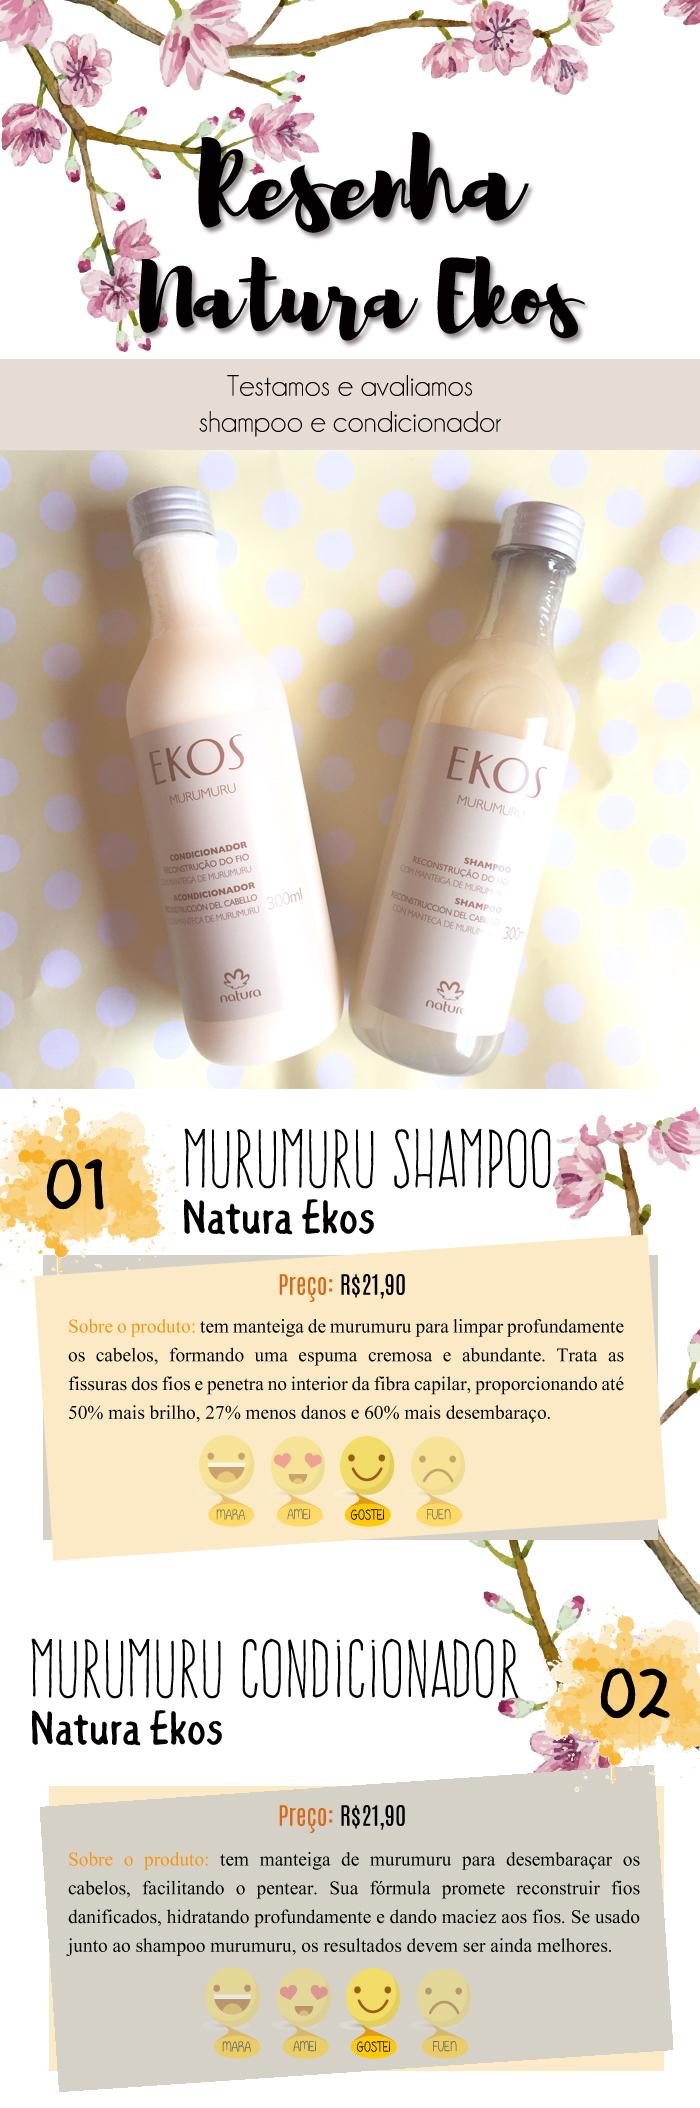 shampoo_condicionador_natura_ekos_murumuru